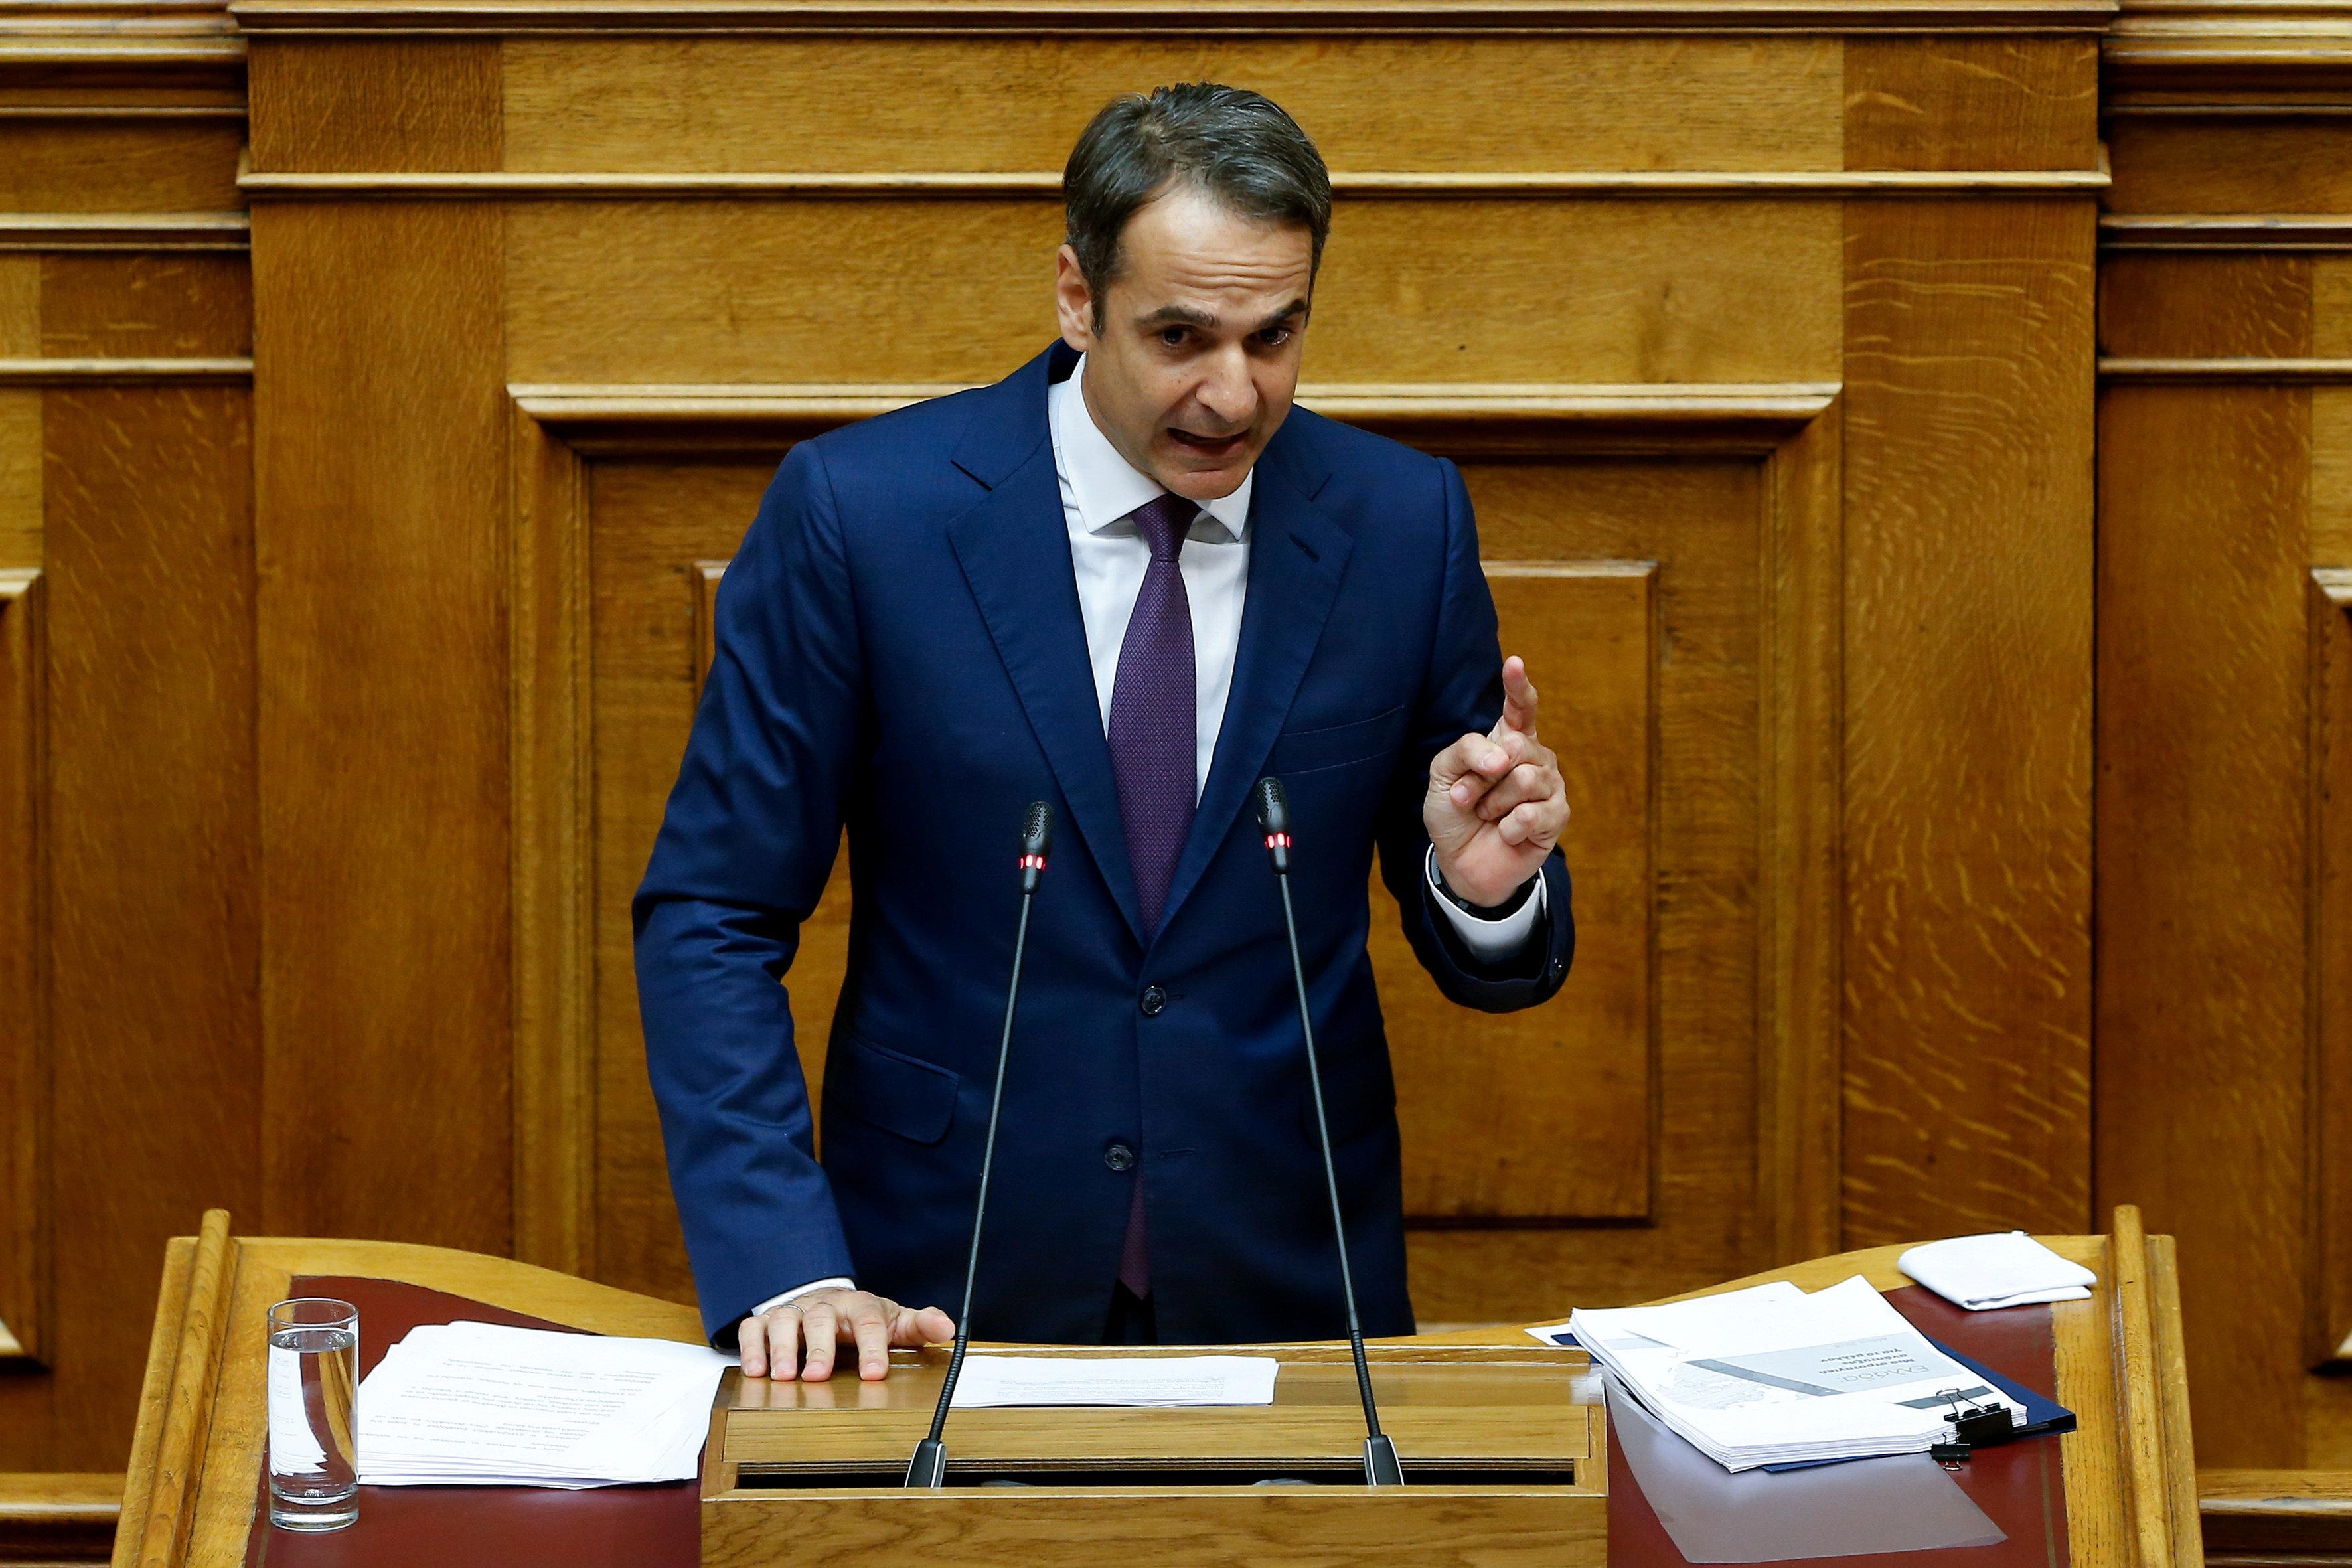 Mητσοτάκης: «Ο ελληνικός λαός μίλησε» -Μαξίμου: «Η ΝΔ ταυτίζεται με